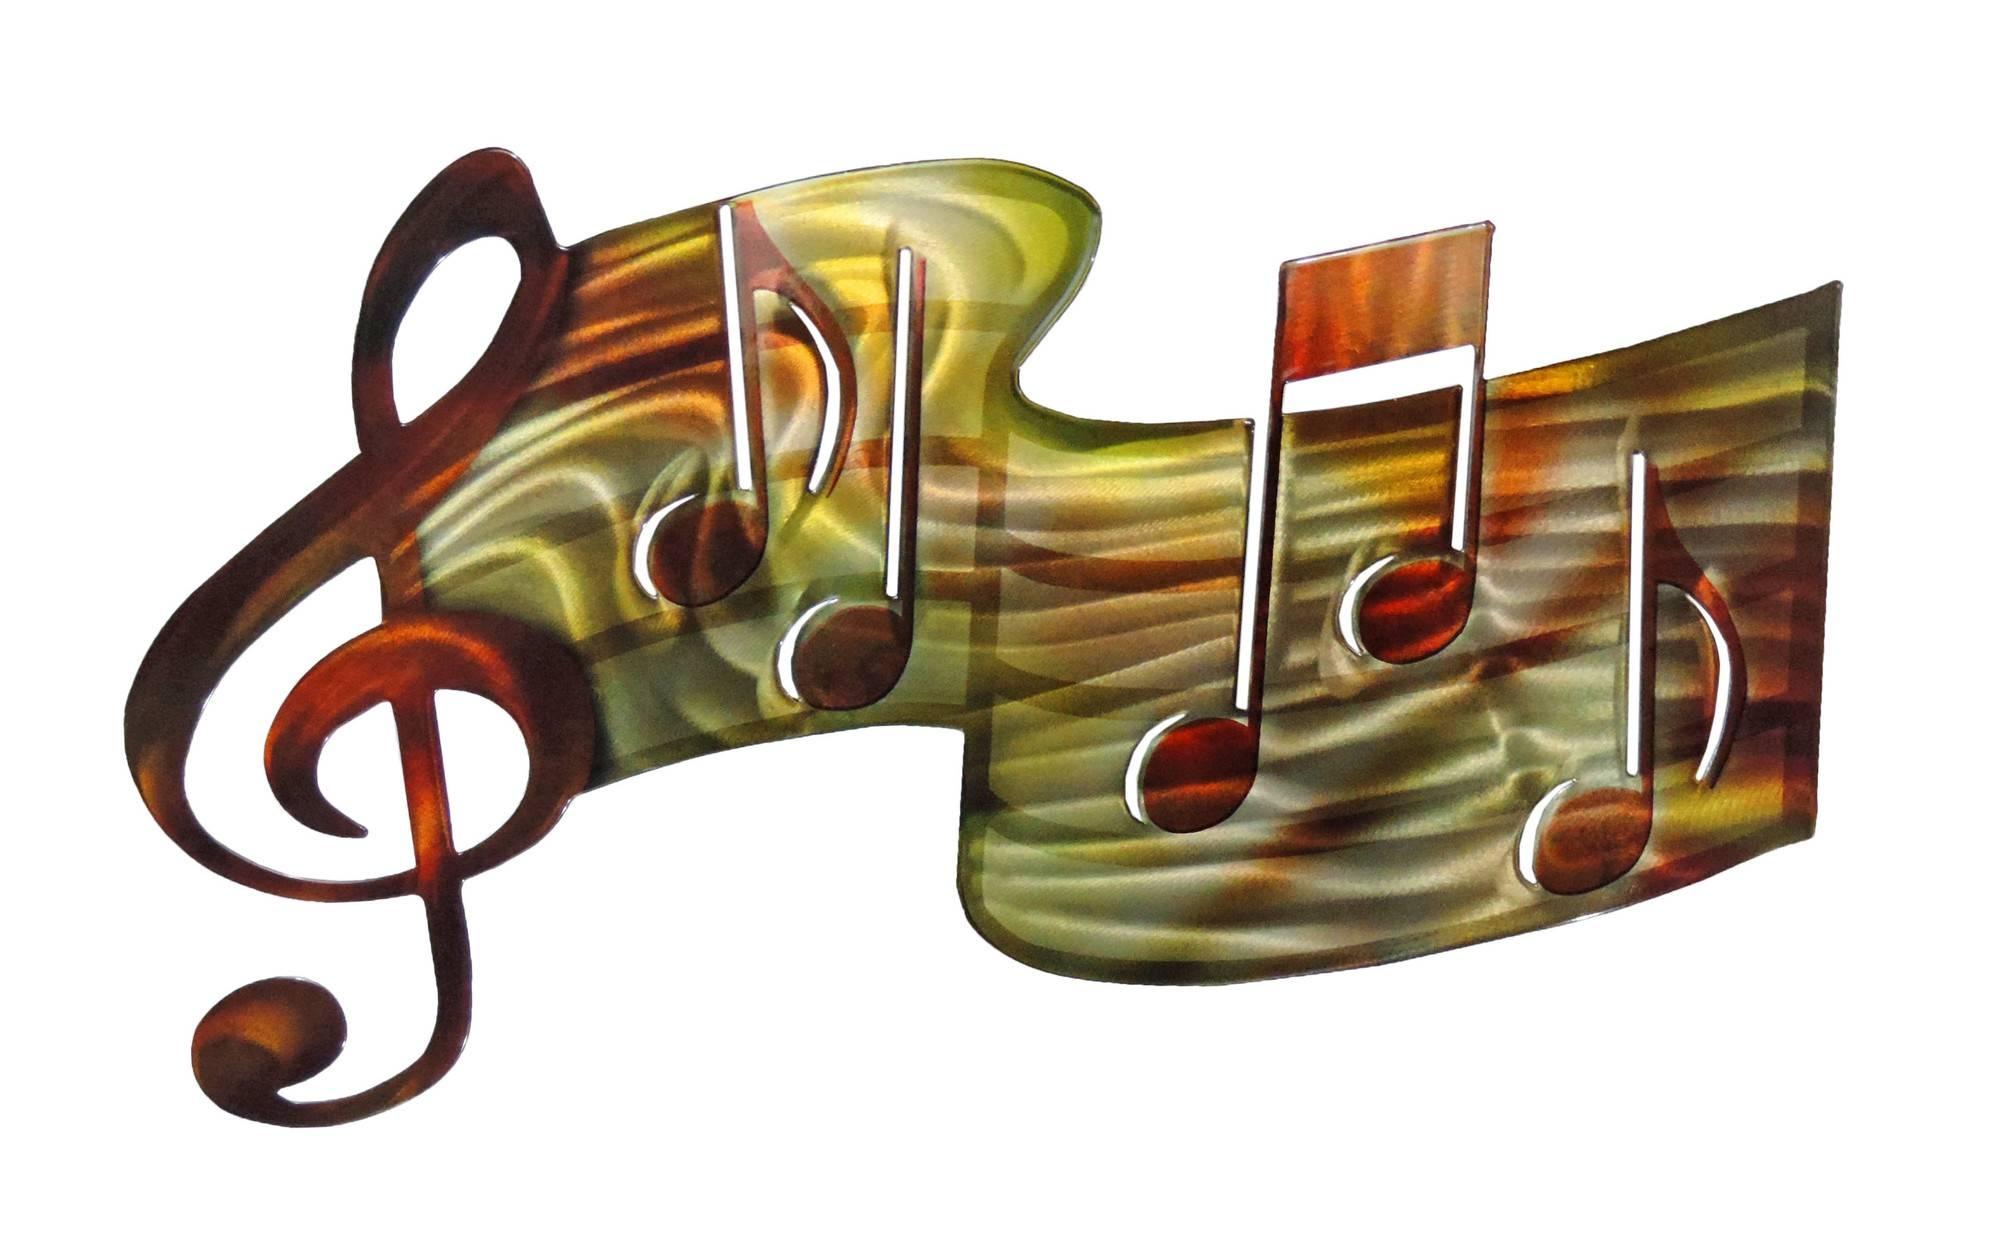 3d Music Staff – Musical Metal Wall Art Intended For Most Recent Musical Metal Wall Art (View 2 of 20)